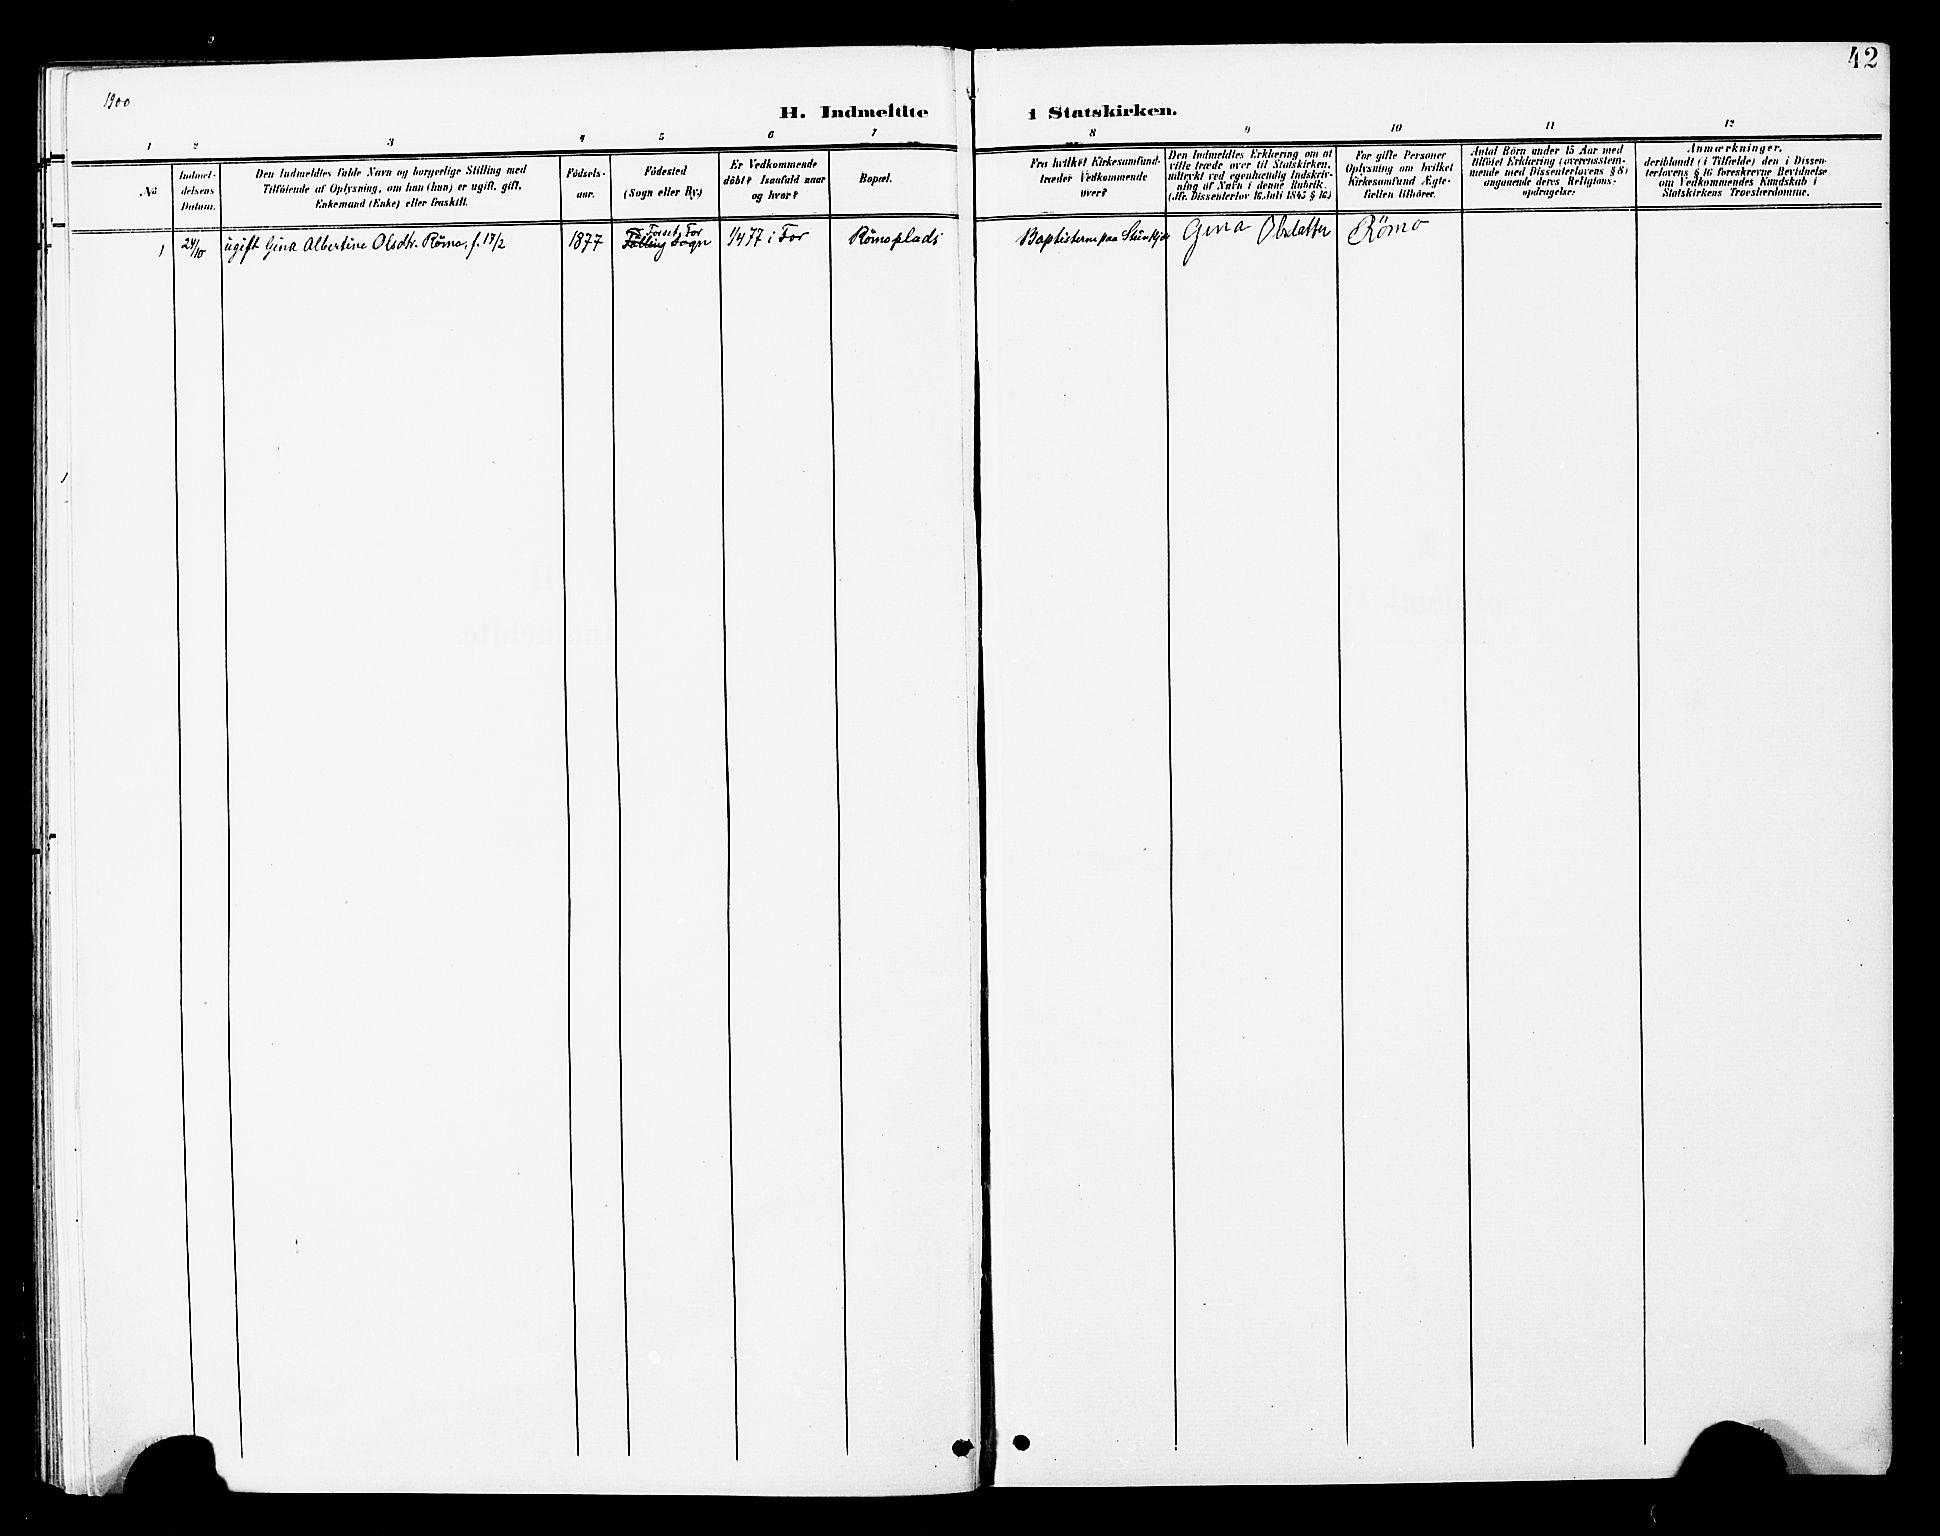 SAT, Ministerialprotokoller, klokkerbøker og fødselsregistre - Nord-Trøndelag, 748/L0464: Ministerialbok nr. 748A01, 1900-1908, s. 42